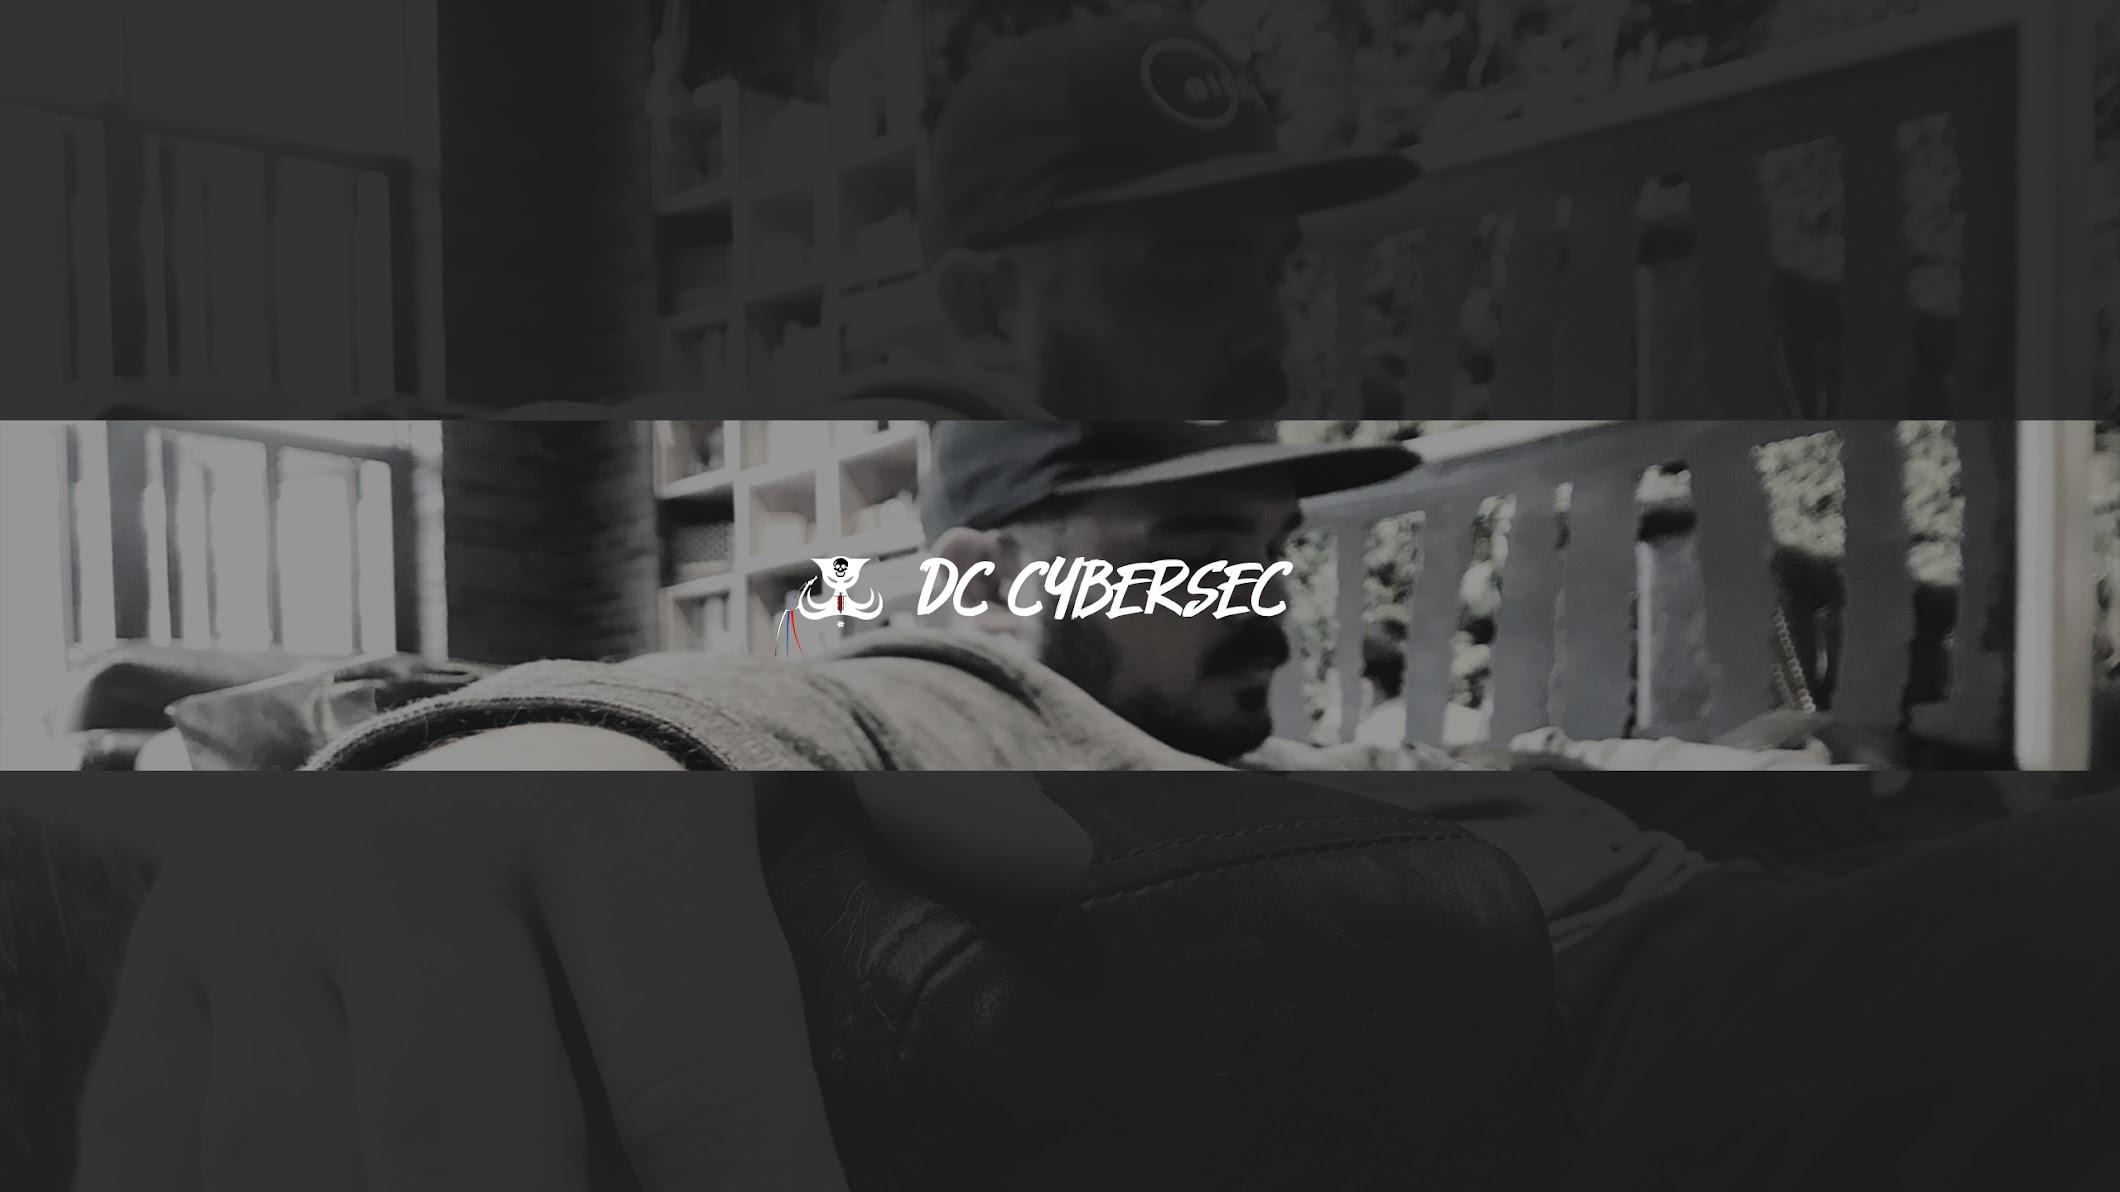 DC CyberSec